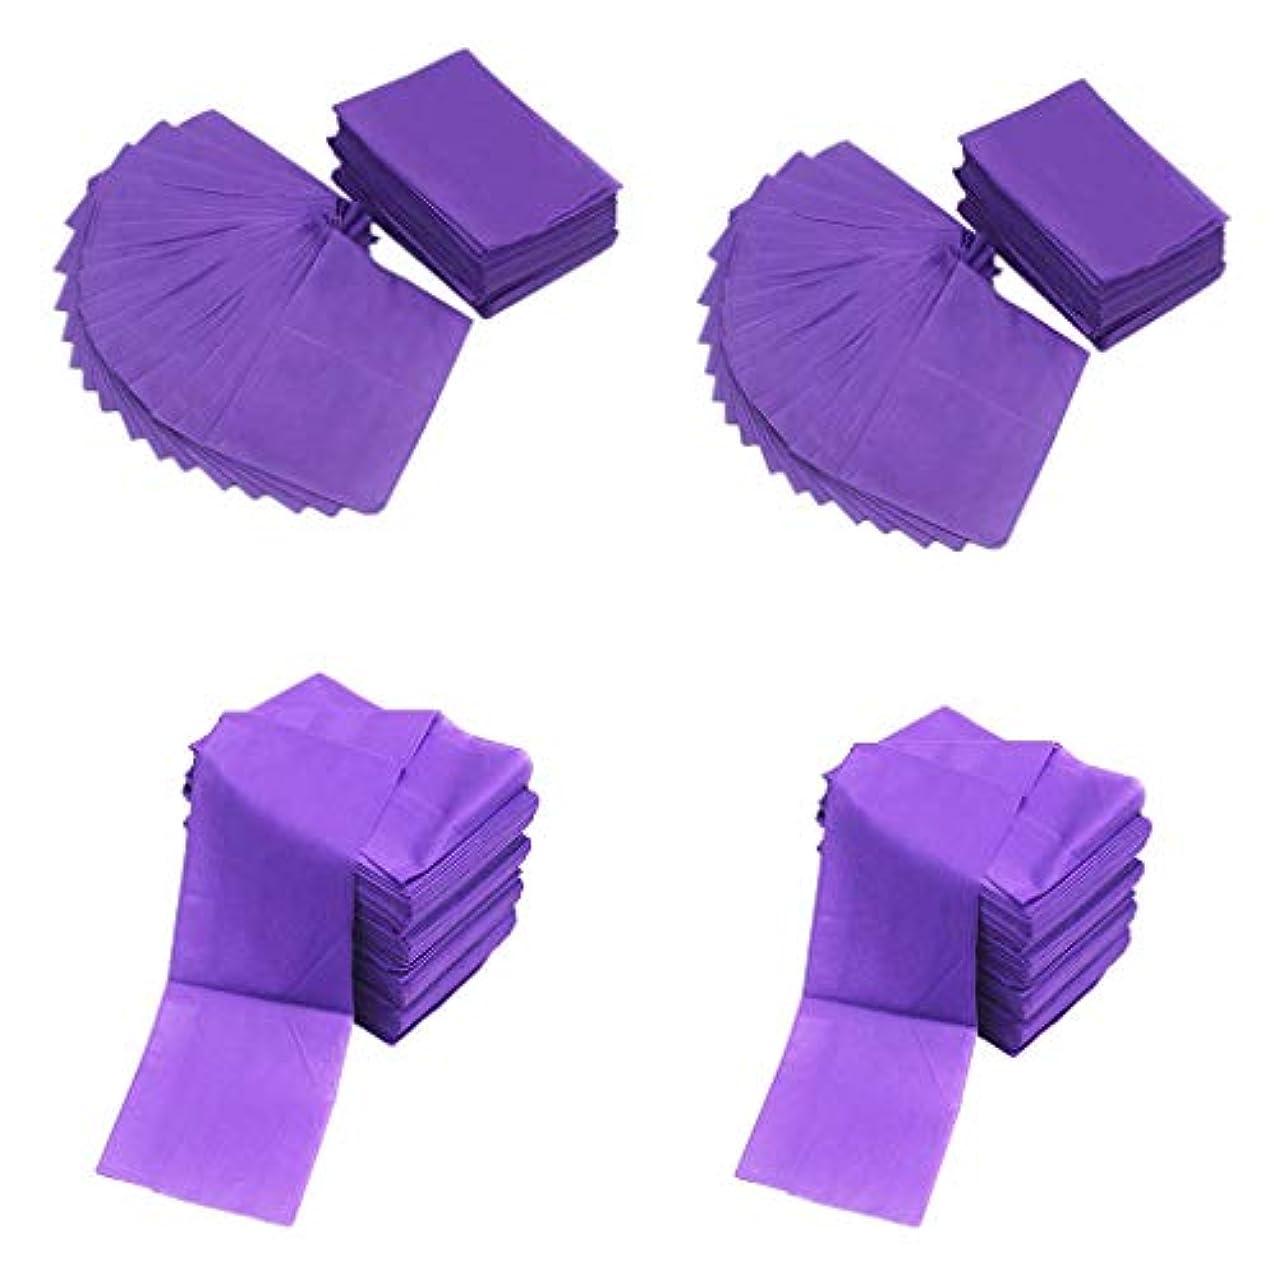 代替ジュニア教室sharprepublic マッサージフェイシャルビューティー、ボディワックス、スパ、マッサージ、不織布ベッドパッドマット用の使い捨てシーツ40枚-75x175 Cm-紫